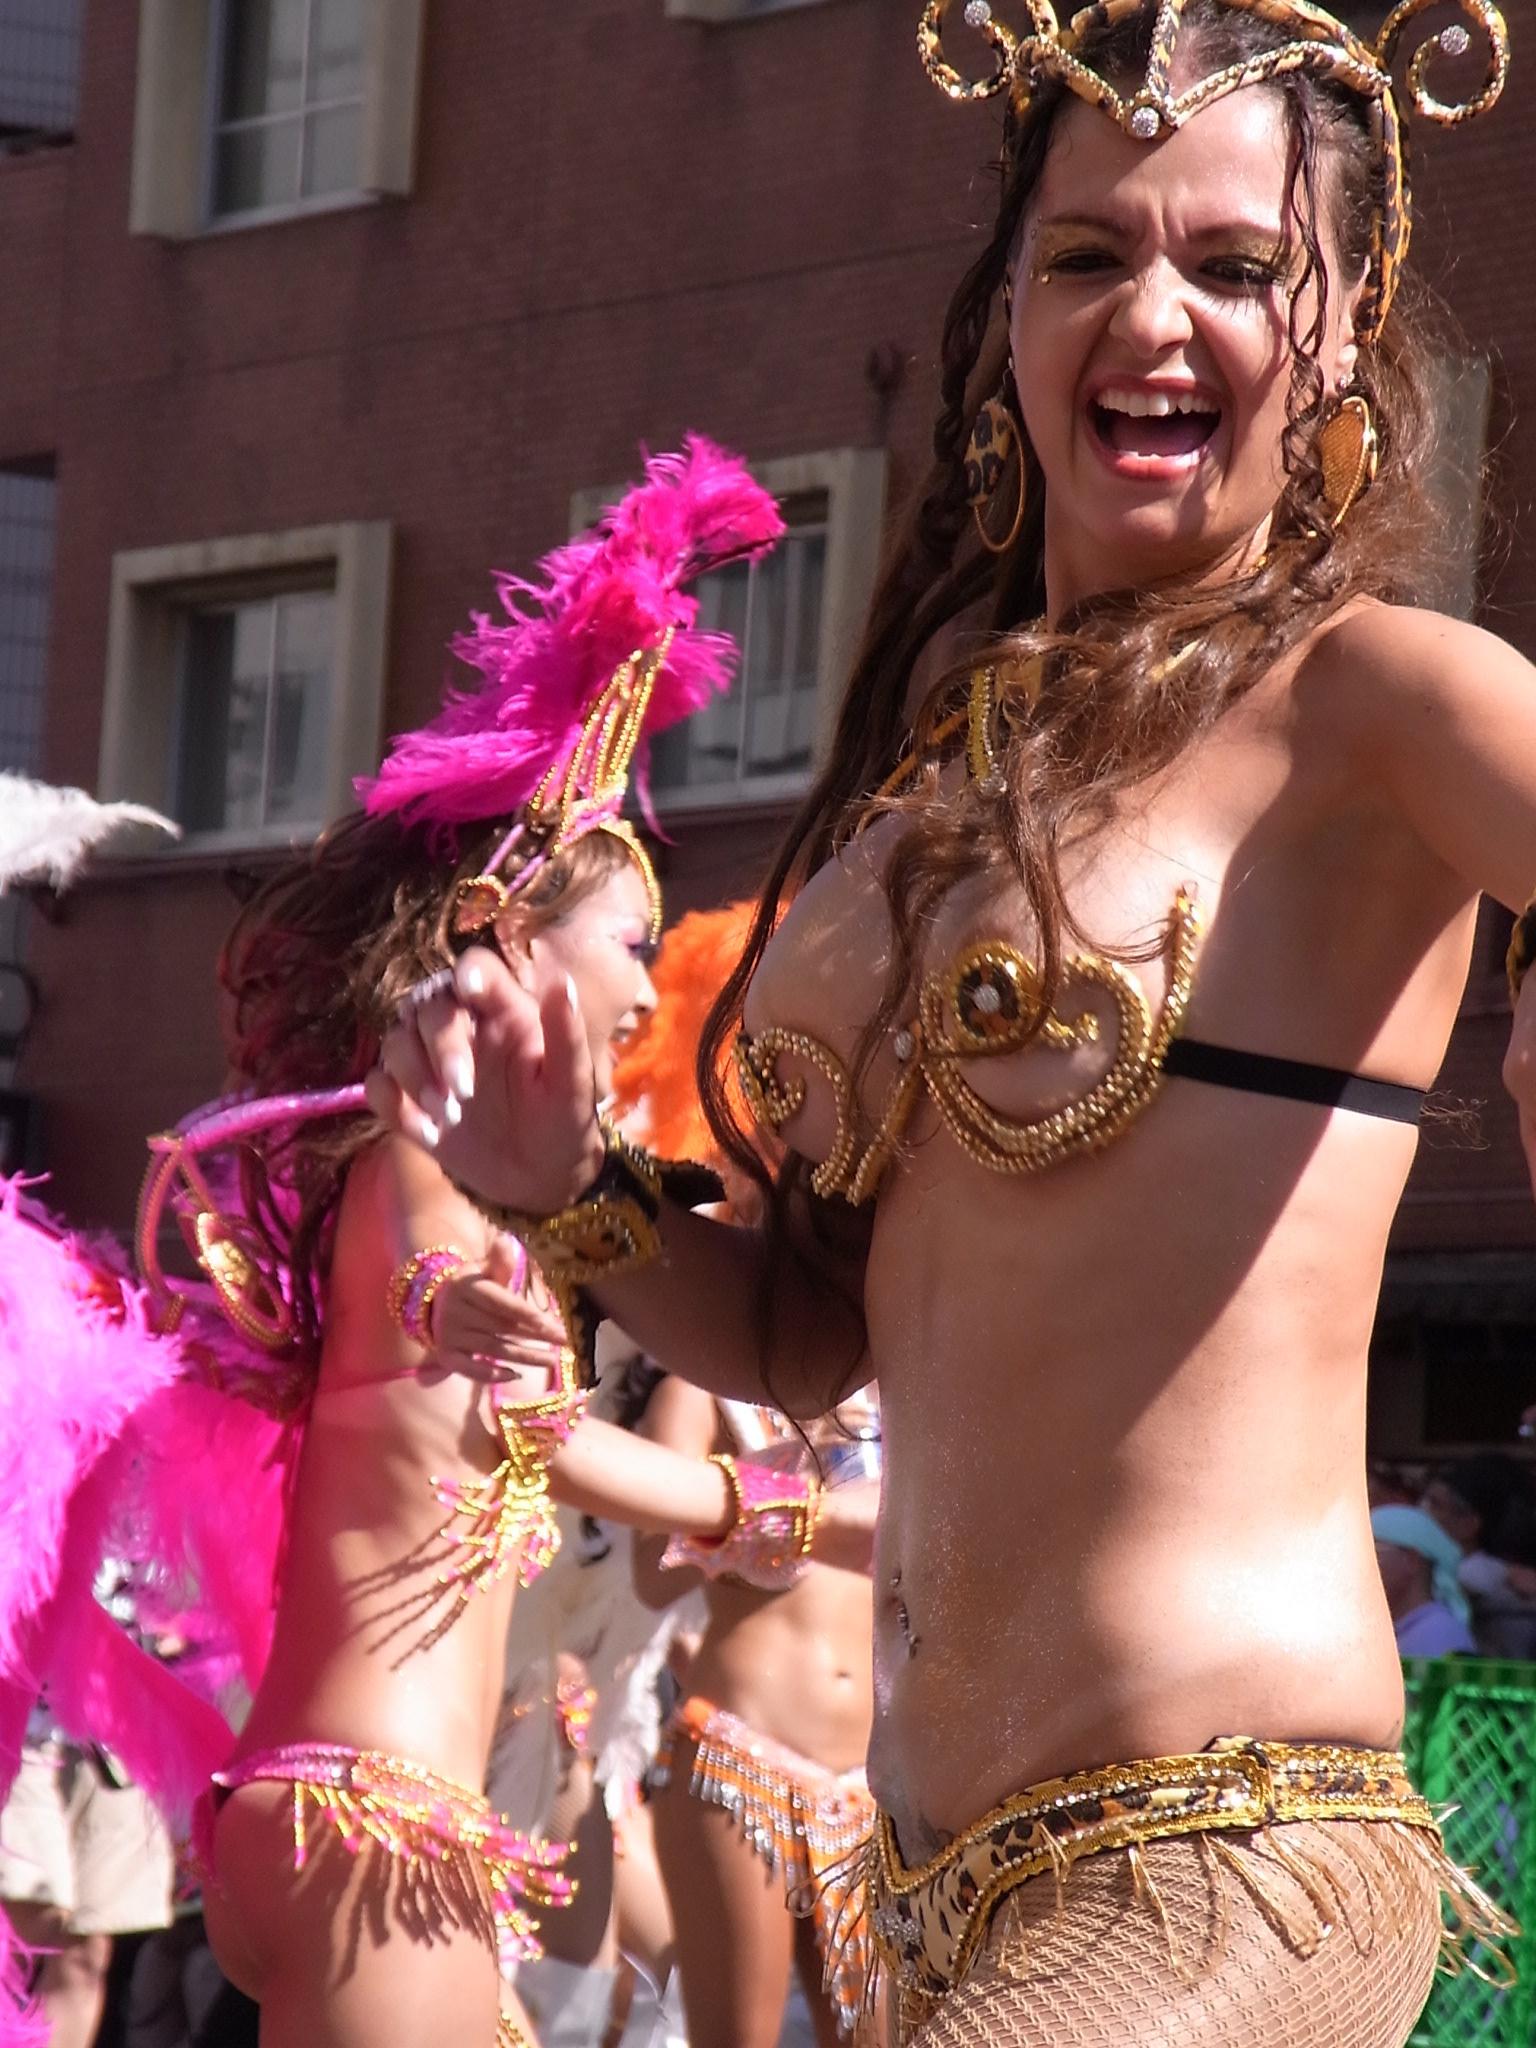 【サンバエロ画像】露骨なスケベさは伝統なので…ハミ出し上等カーニバルwww 11